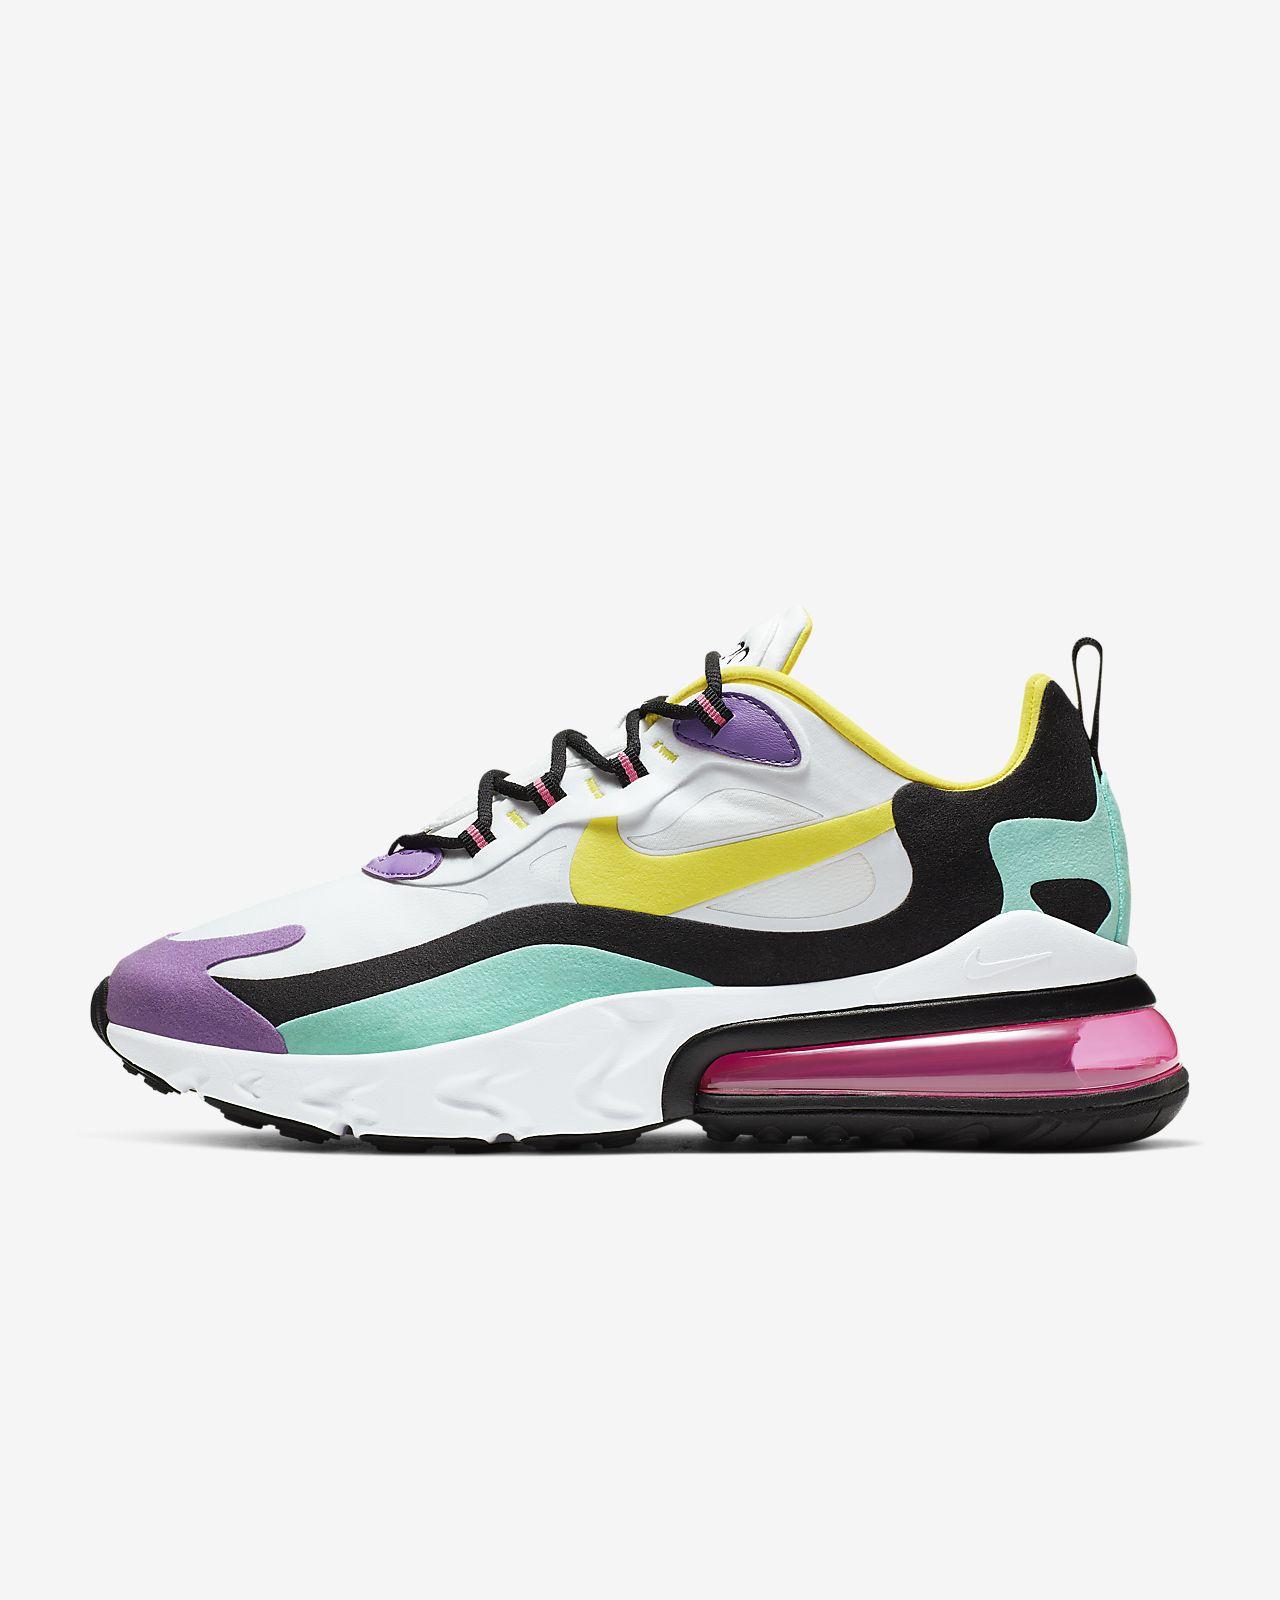 Мужские кроссовки Nike Air Max 270 React (Geometric Abstract)